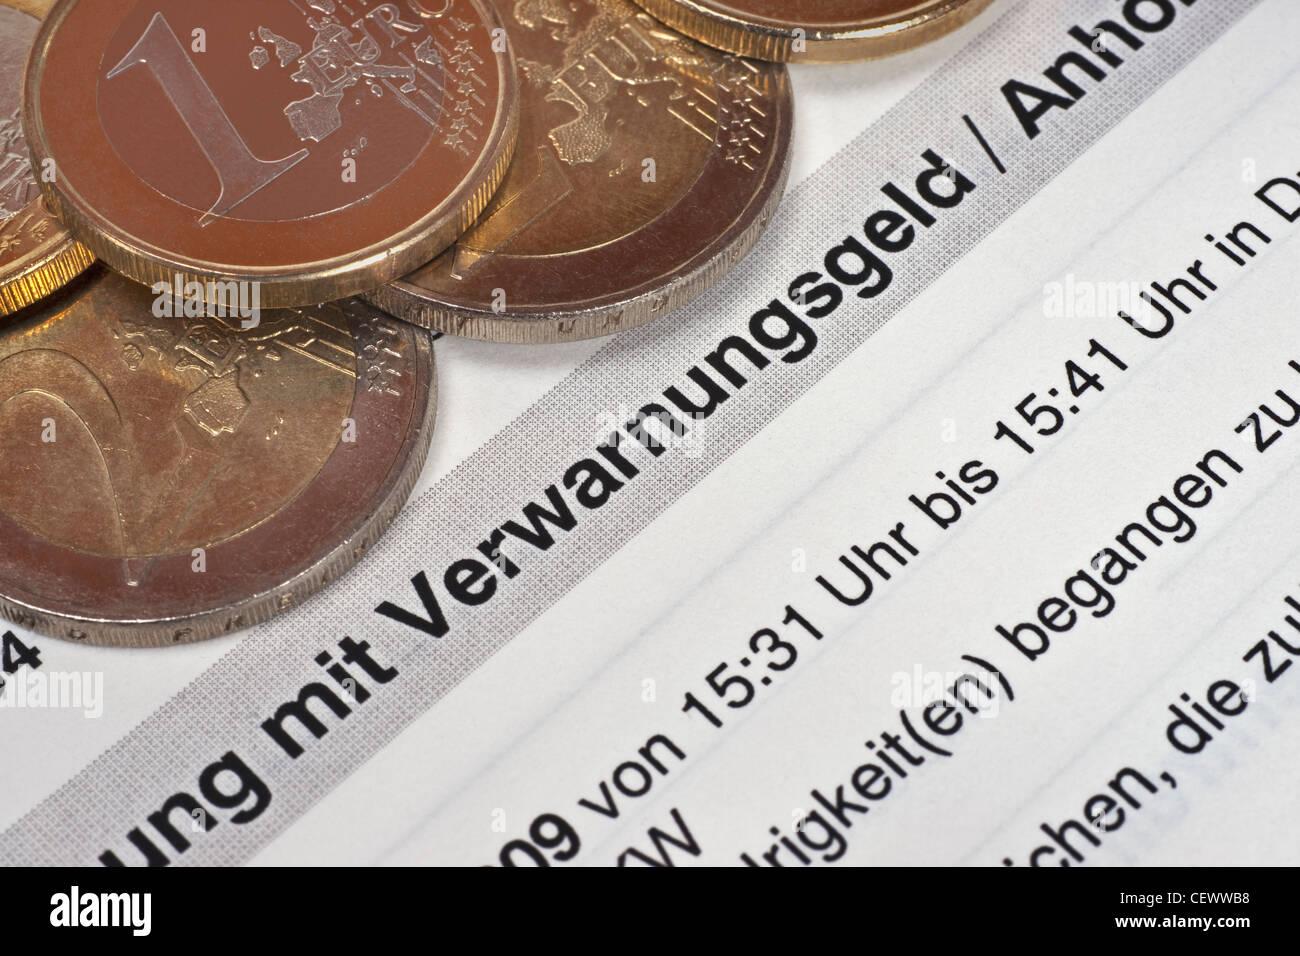 Verwarnungsgeld, daneben liegen einige Euro Münzen   fine for speeding, some Euro coins alongside - Stock Image